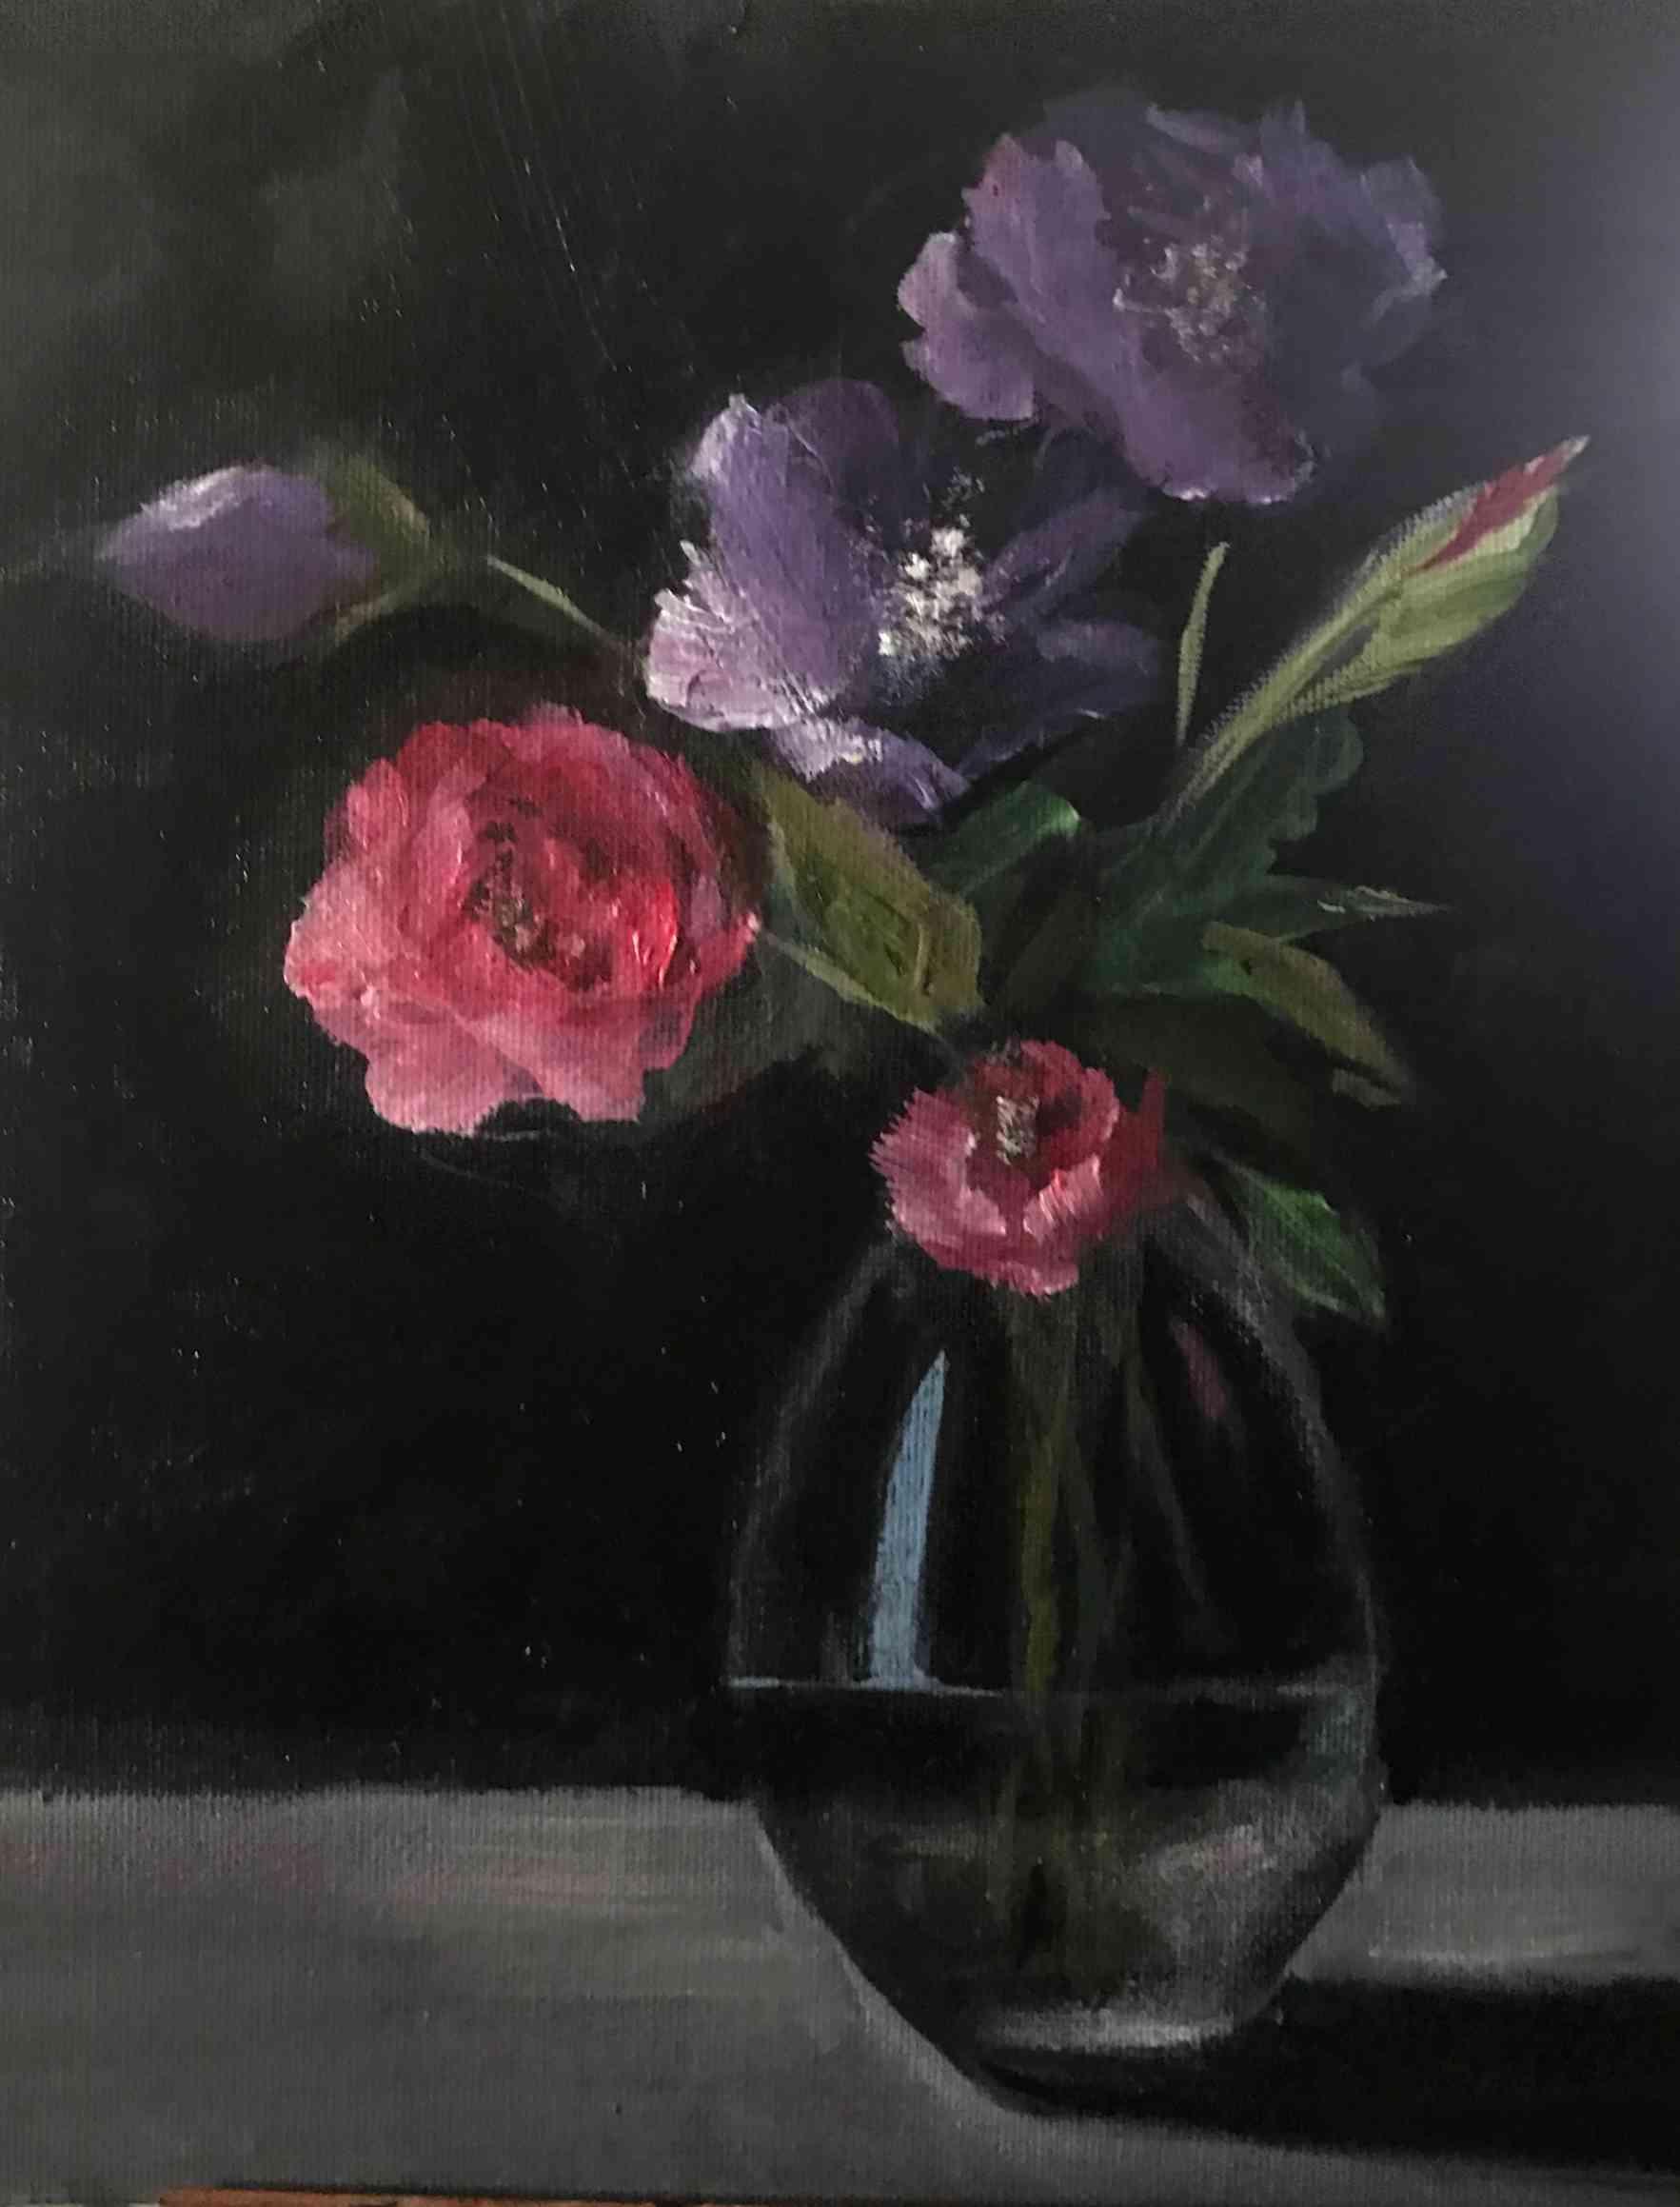 ガラスの中のラベンダーと薔薇